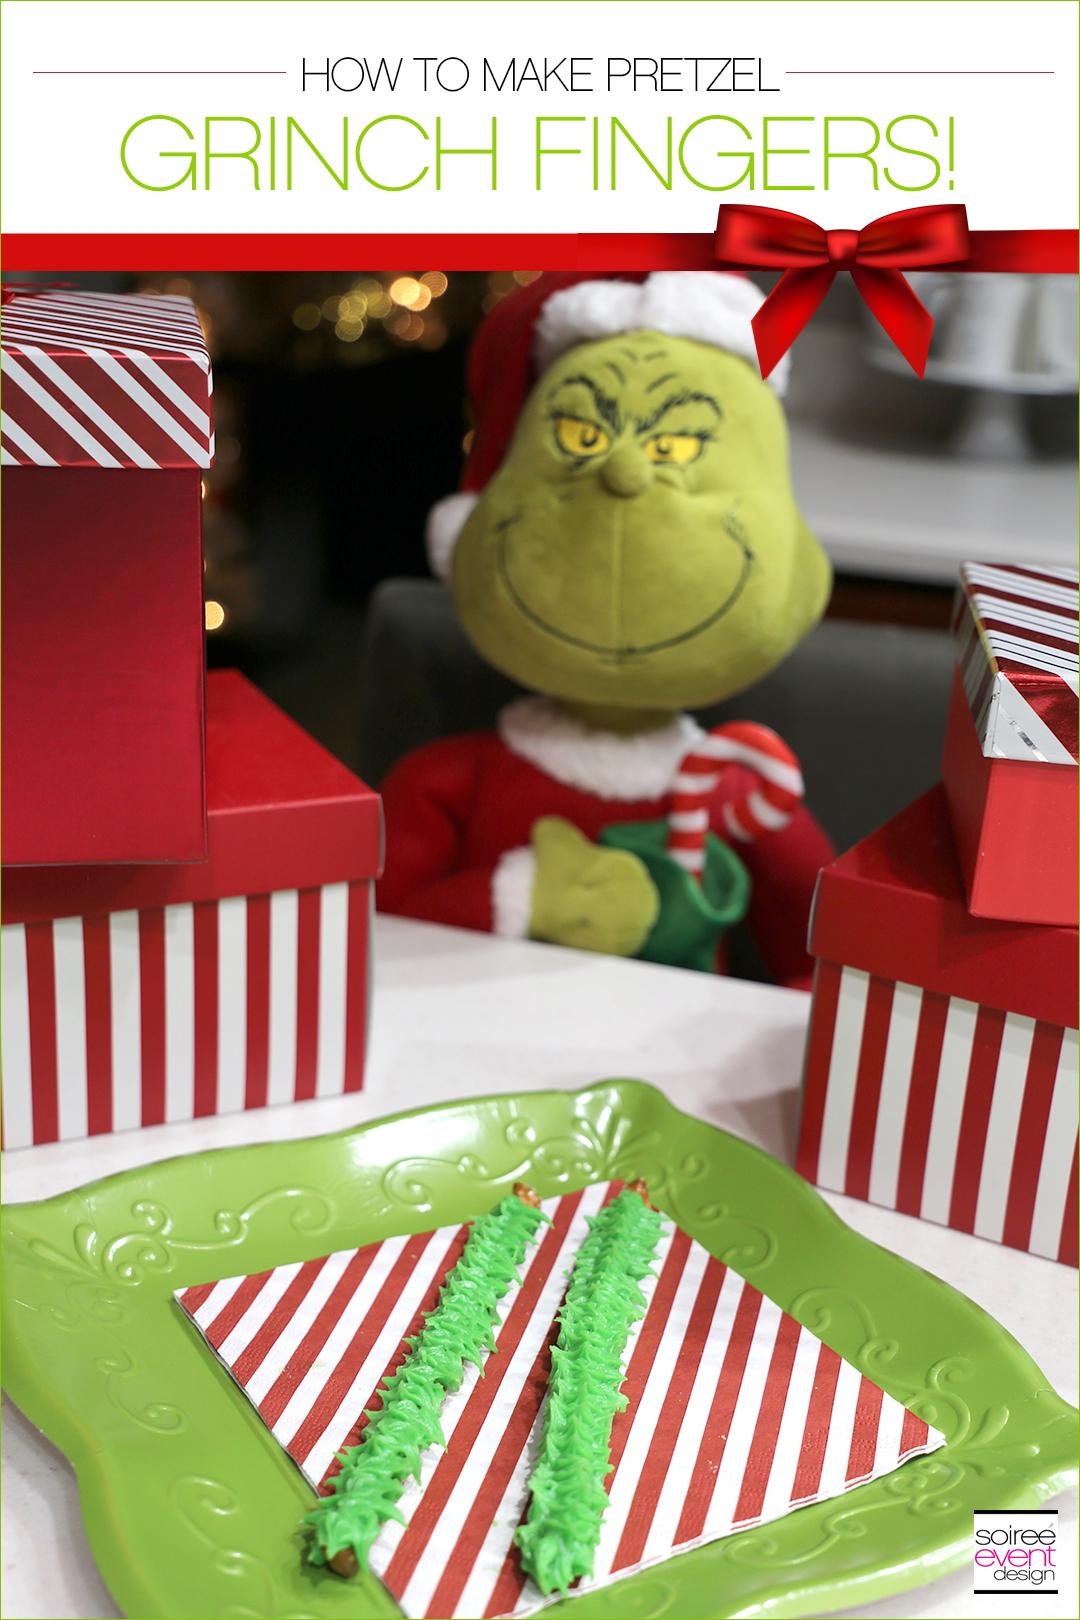 Grinch Dessert Ideas - Grinch Fingers Pretzels